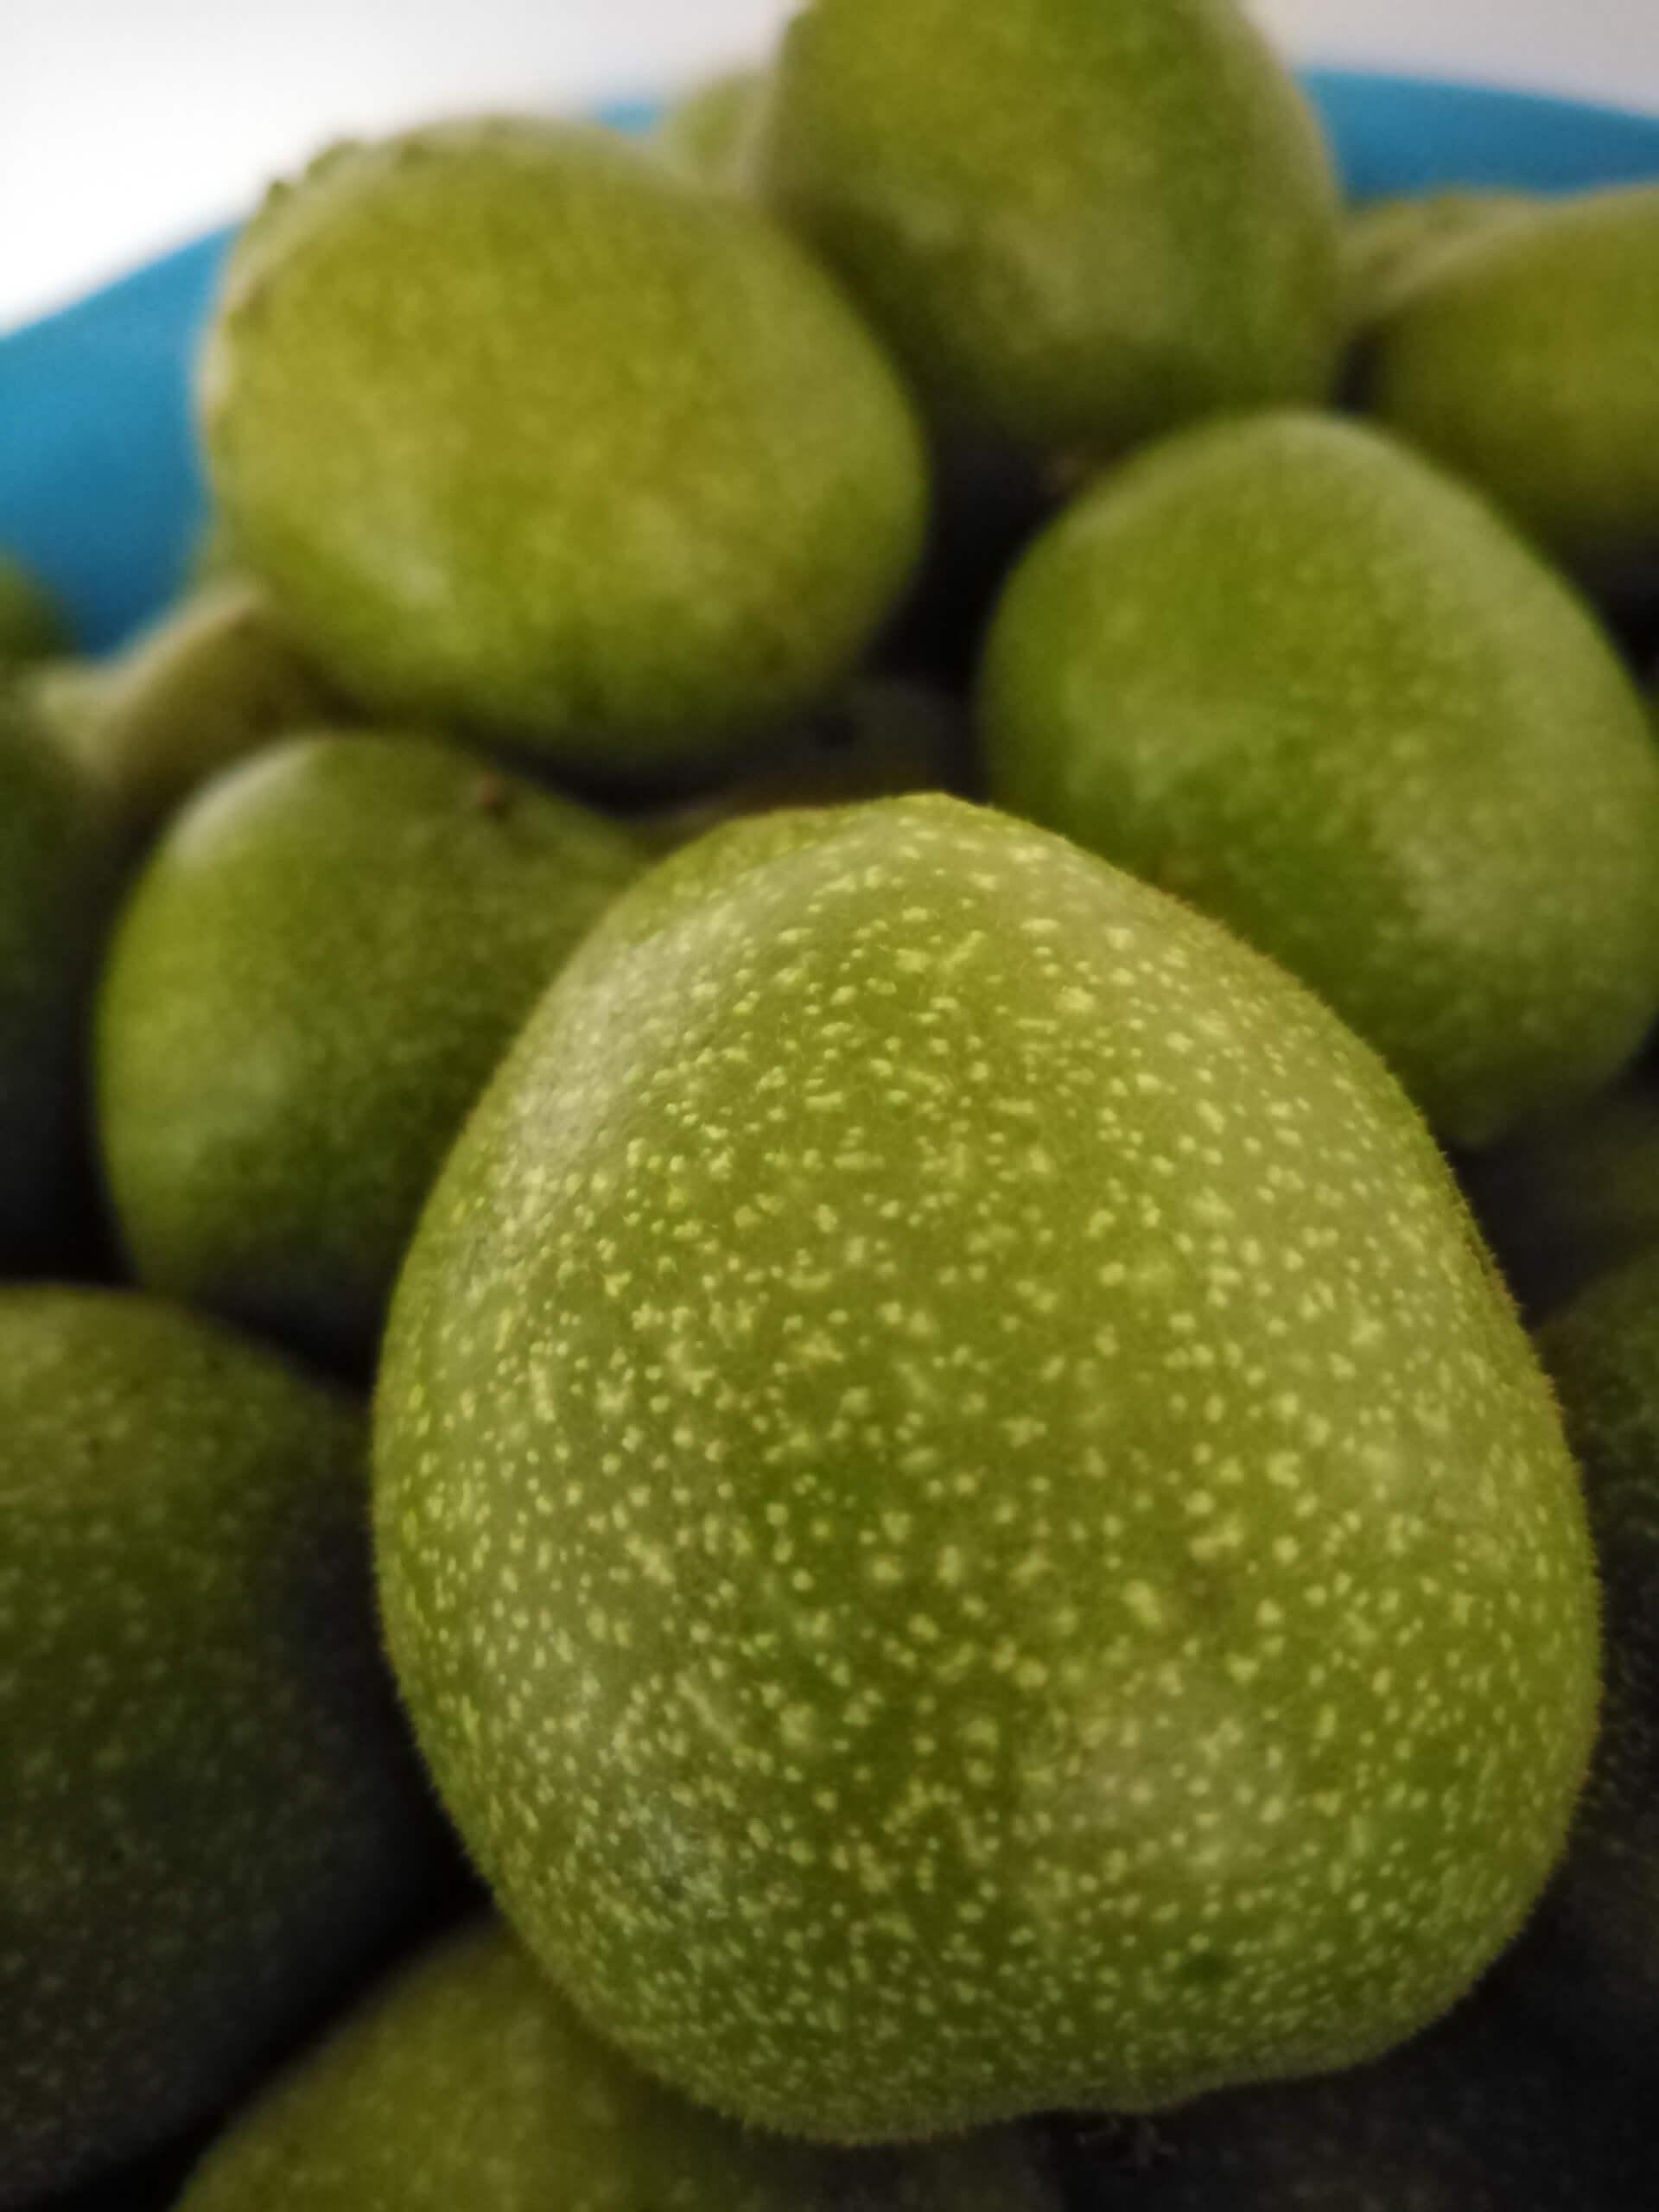 Grüne Baumnüsse werden für die Herstellung des Nocino verwendet.